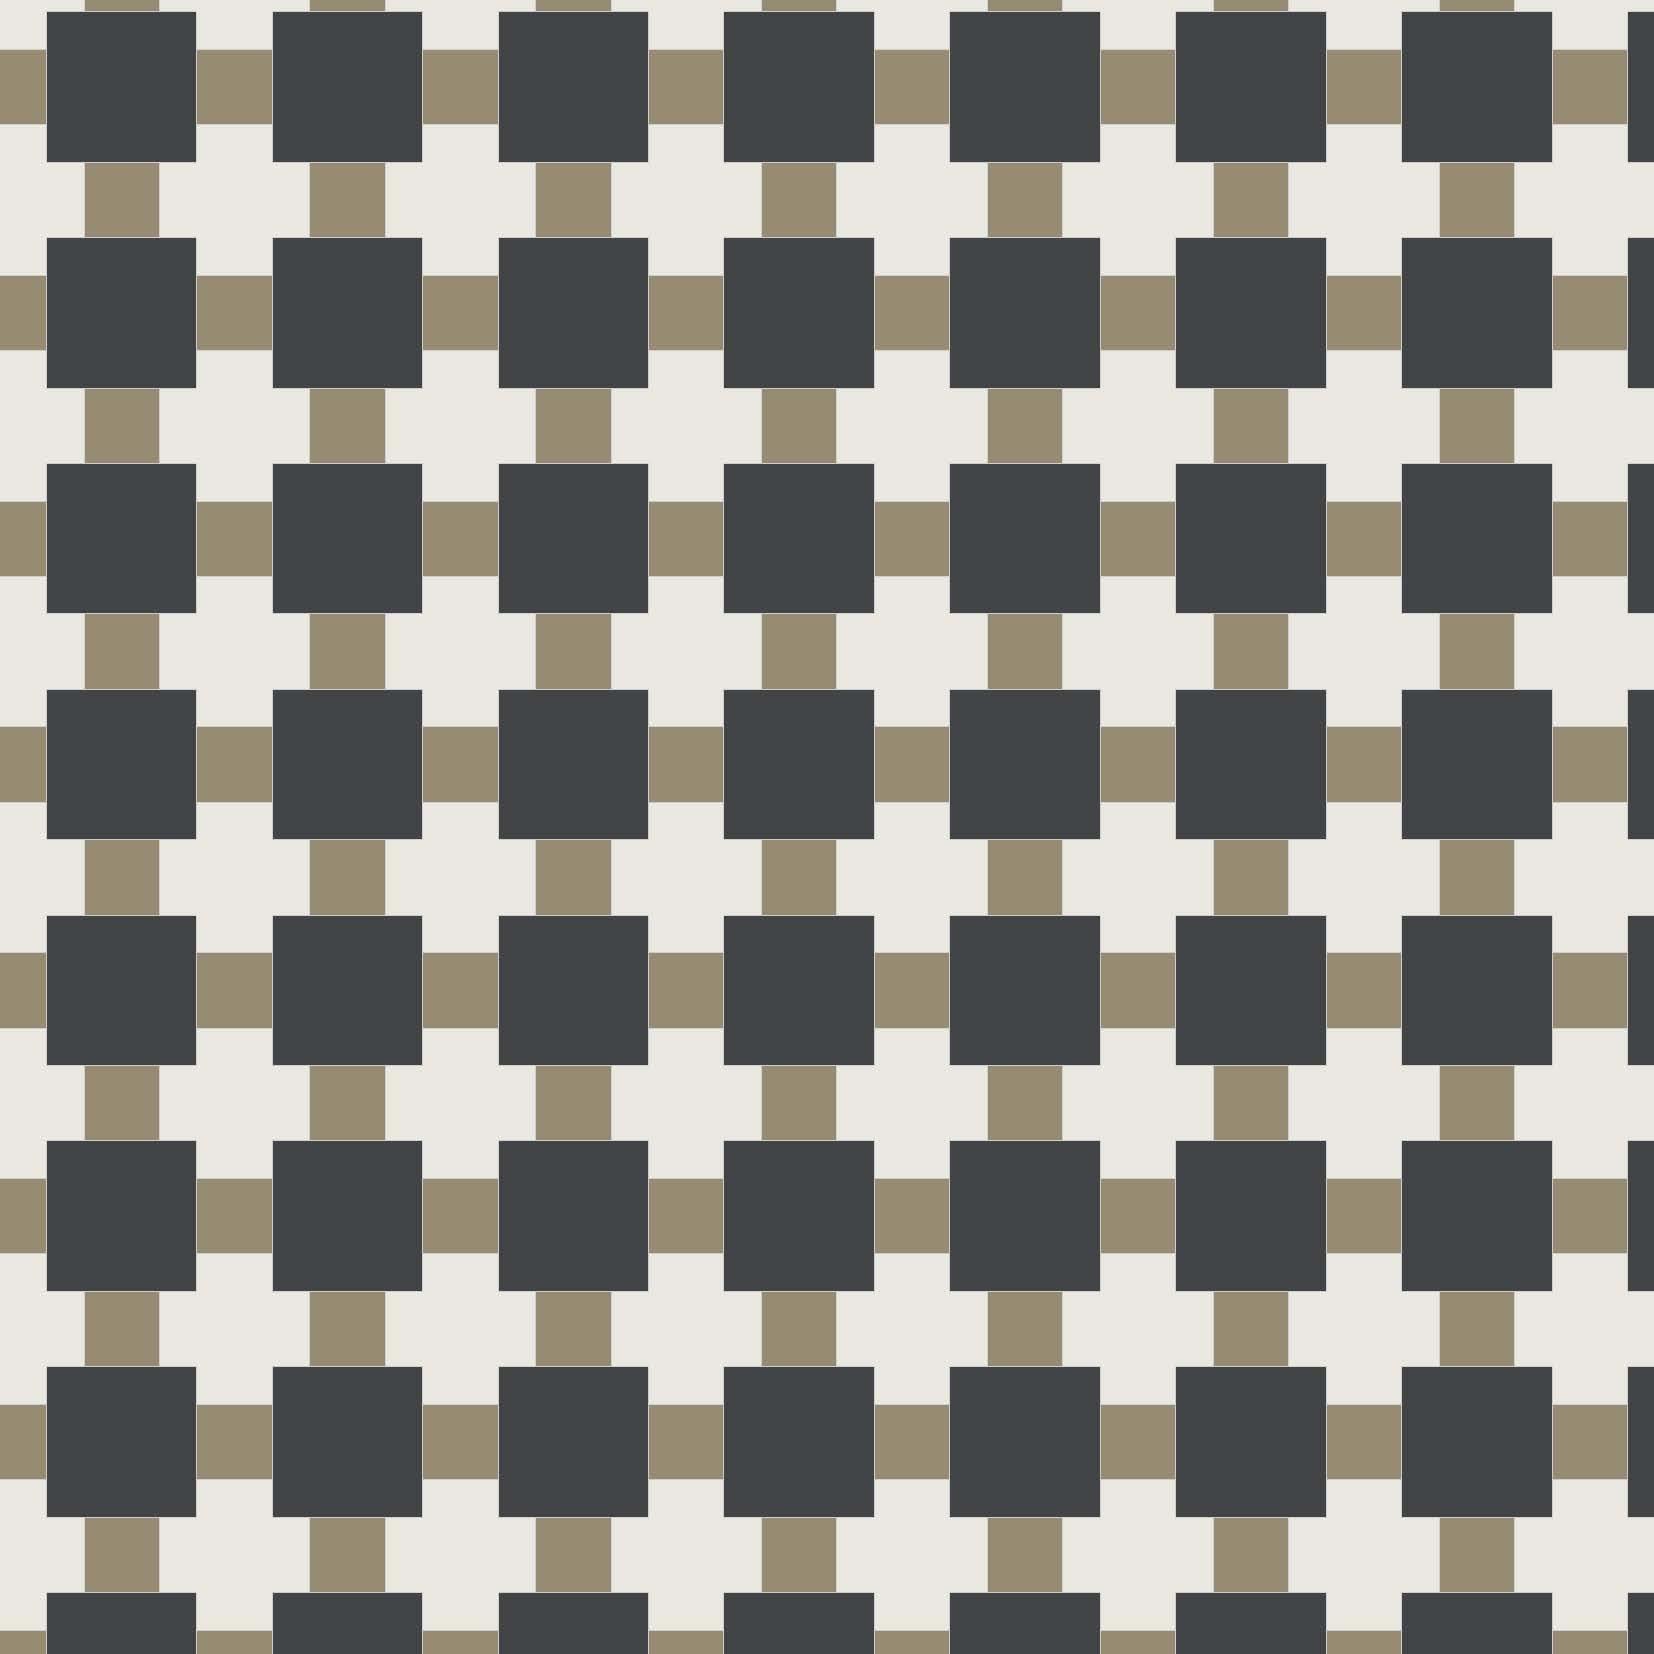 Textile - Black, Gold, White